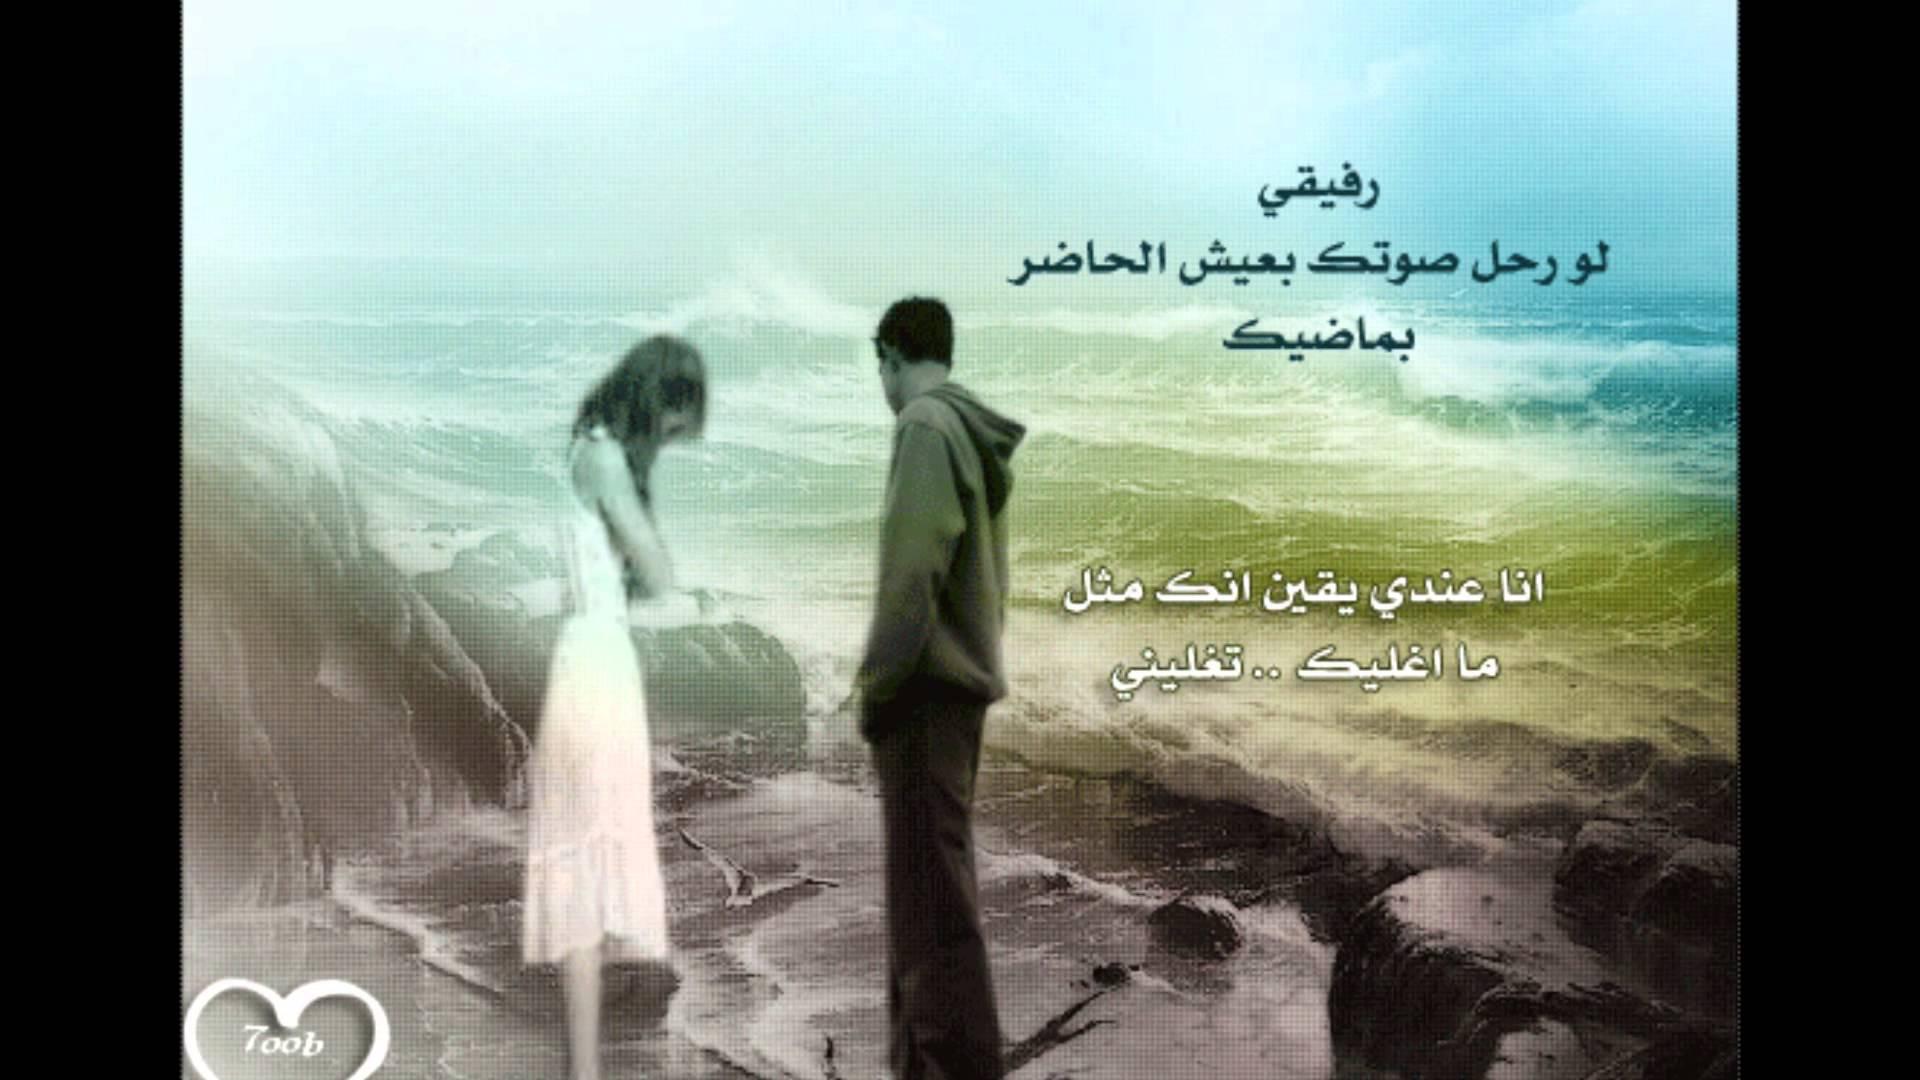 بالصور صور اشعار رومانسيه , اجمل الكلمات الرومانسيه فى العشق والغرام 4945 1